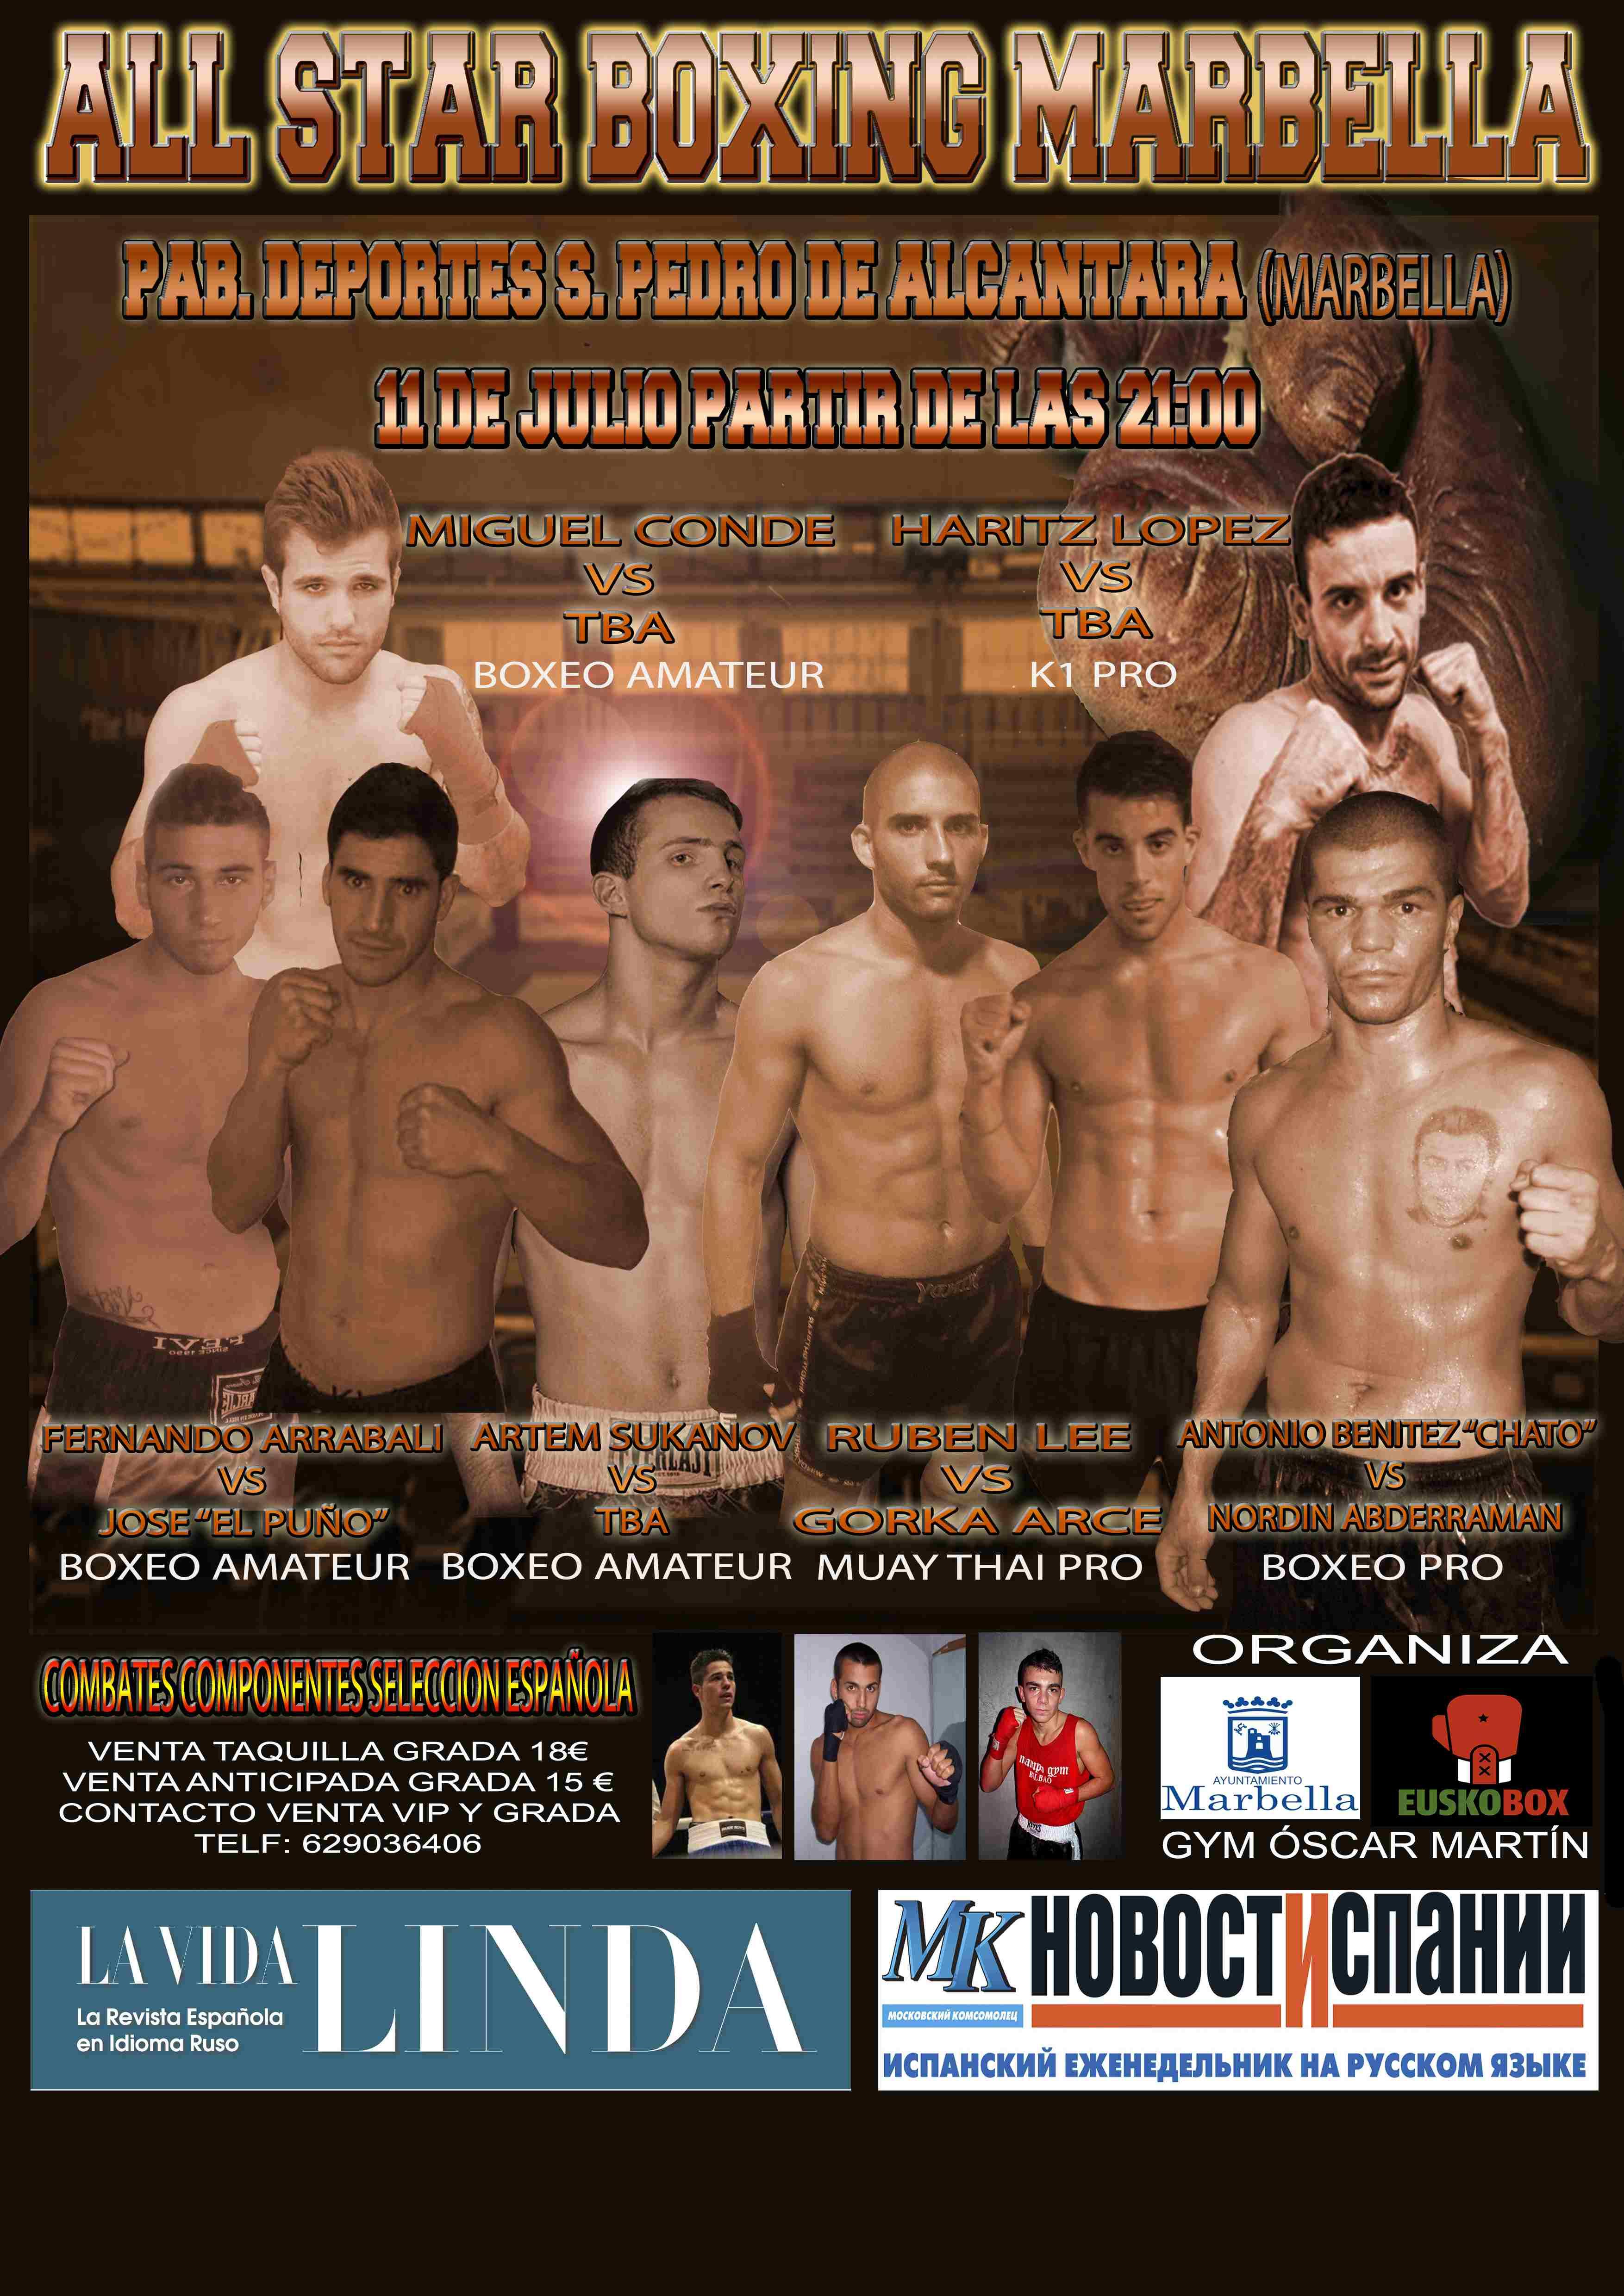 Cartel de la velada de boxeo del próximo 11 de julio en el Polideportivo de San pedro de Alcántara